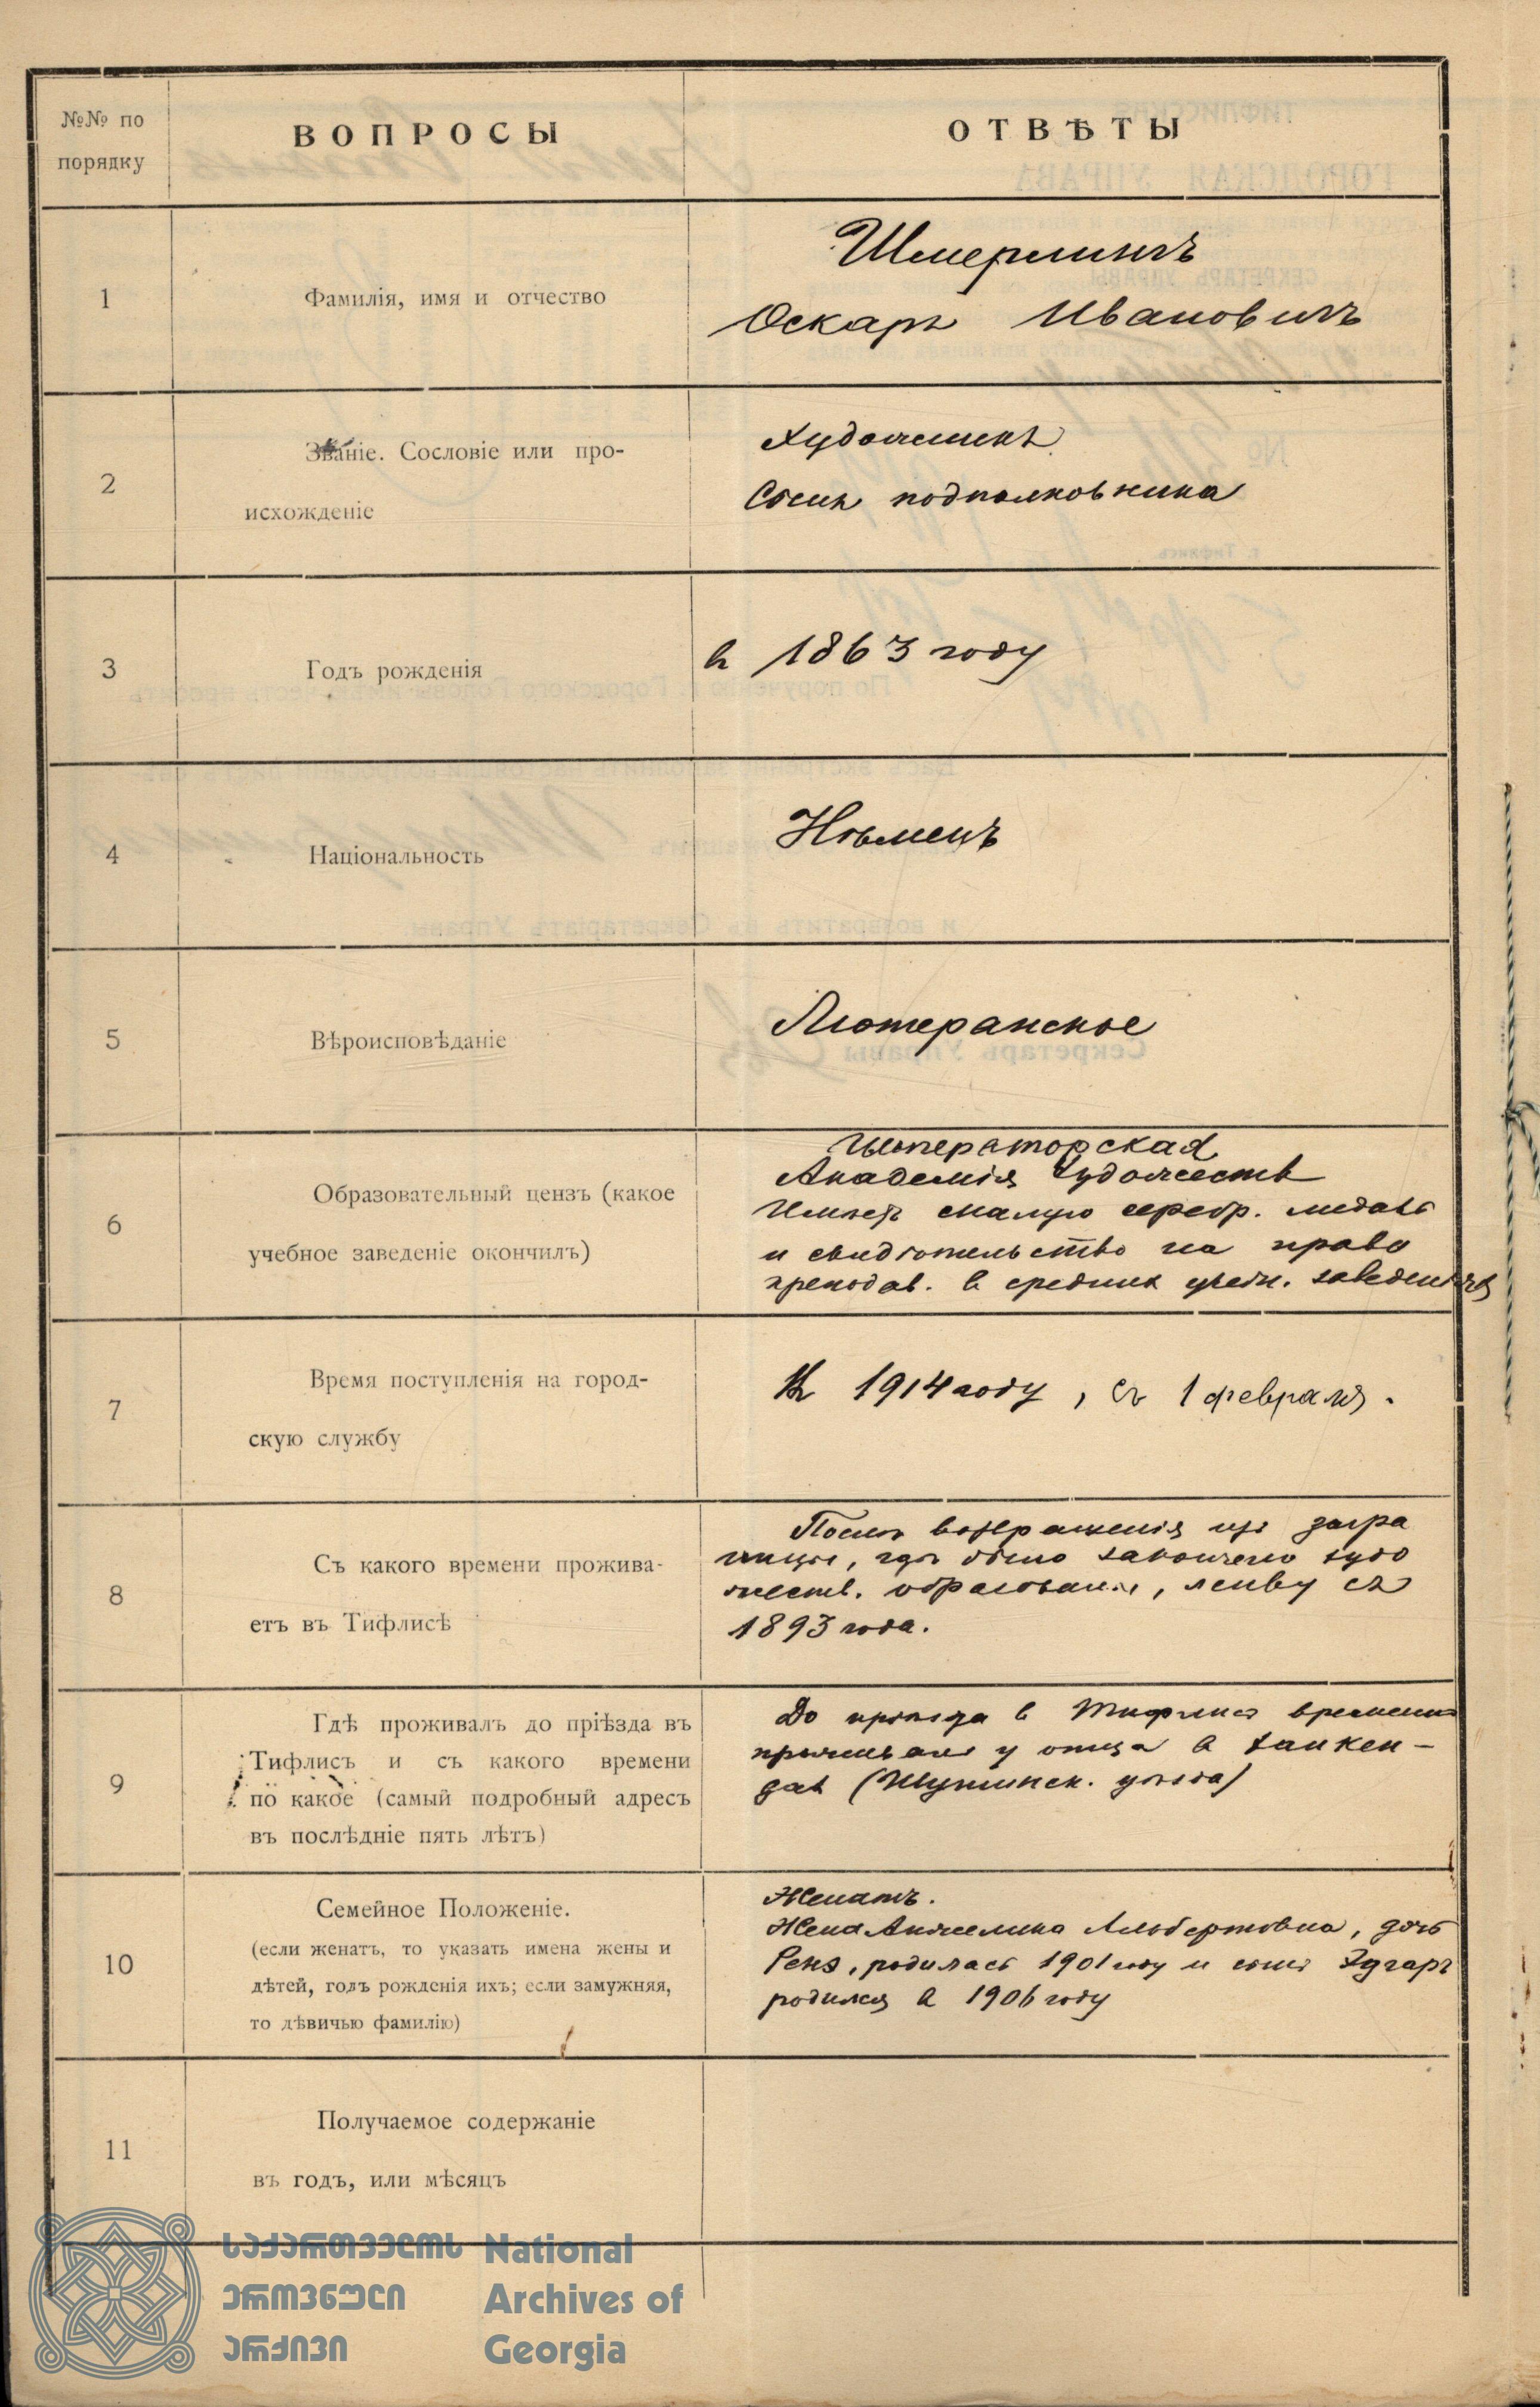 Page 3 of Schmerling's Résumé